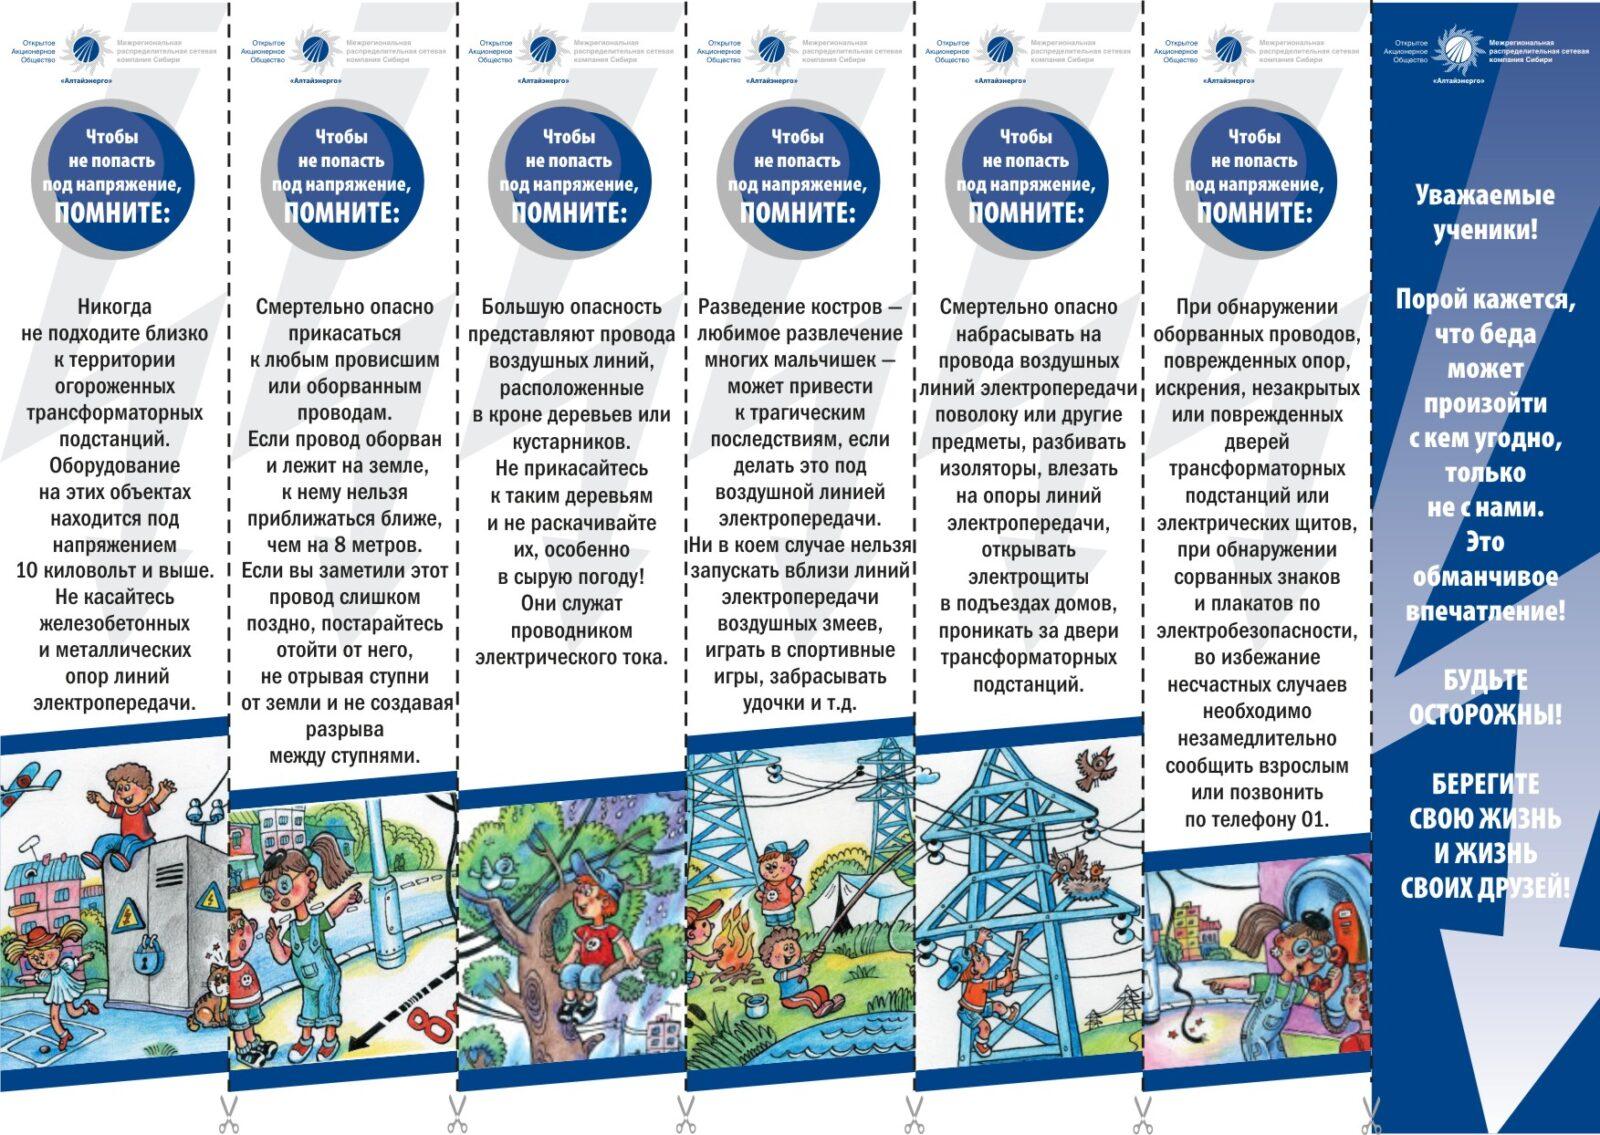 Простейшие правила электробезопасности удостоверение 4 группы по электробезопасности